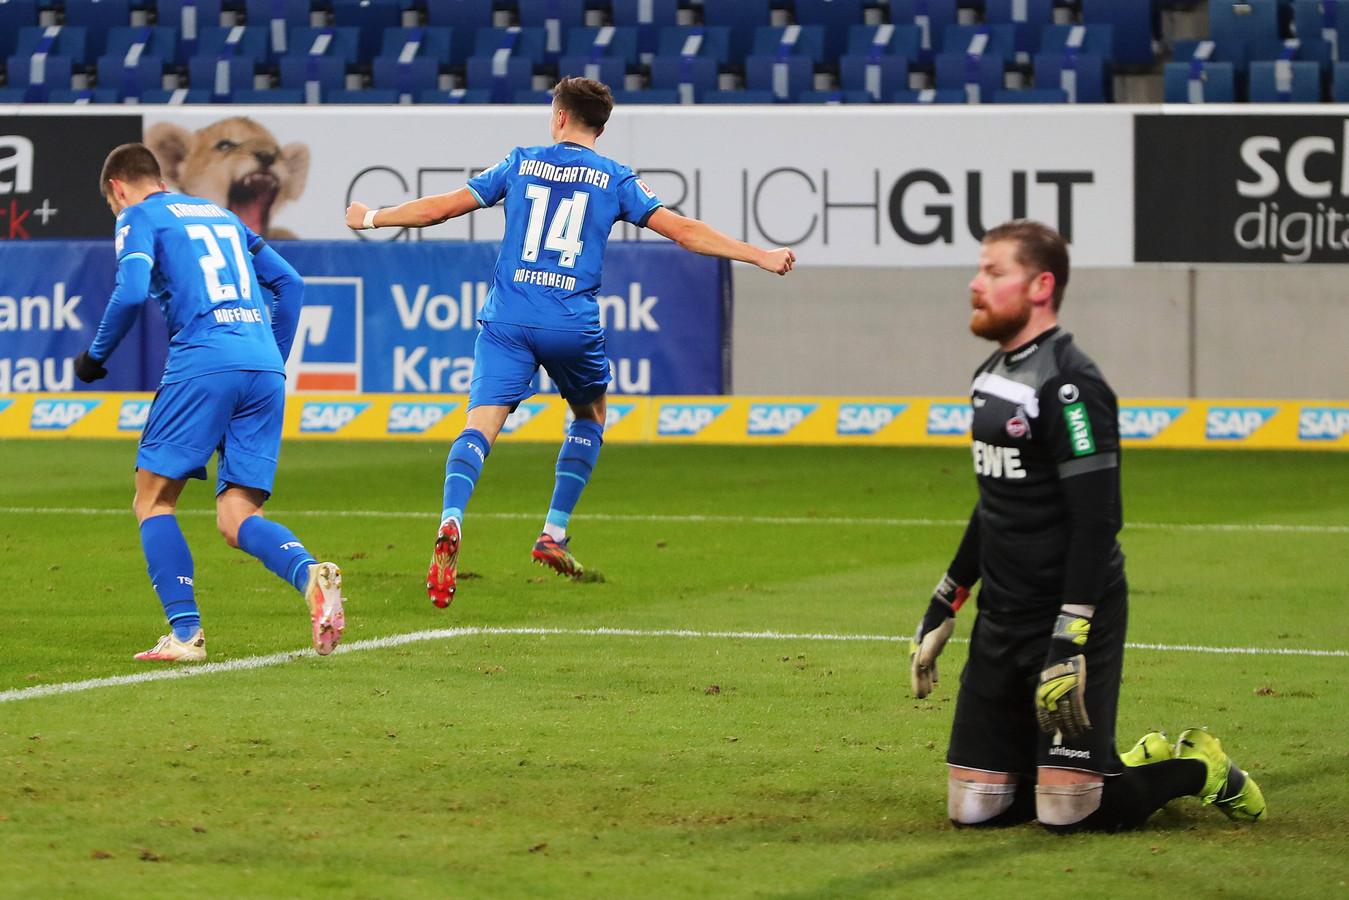 TSG Hoffenheim-middenvelder Christoph Baumgartner juicht na zijn treffer tegen FC Köln.